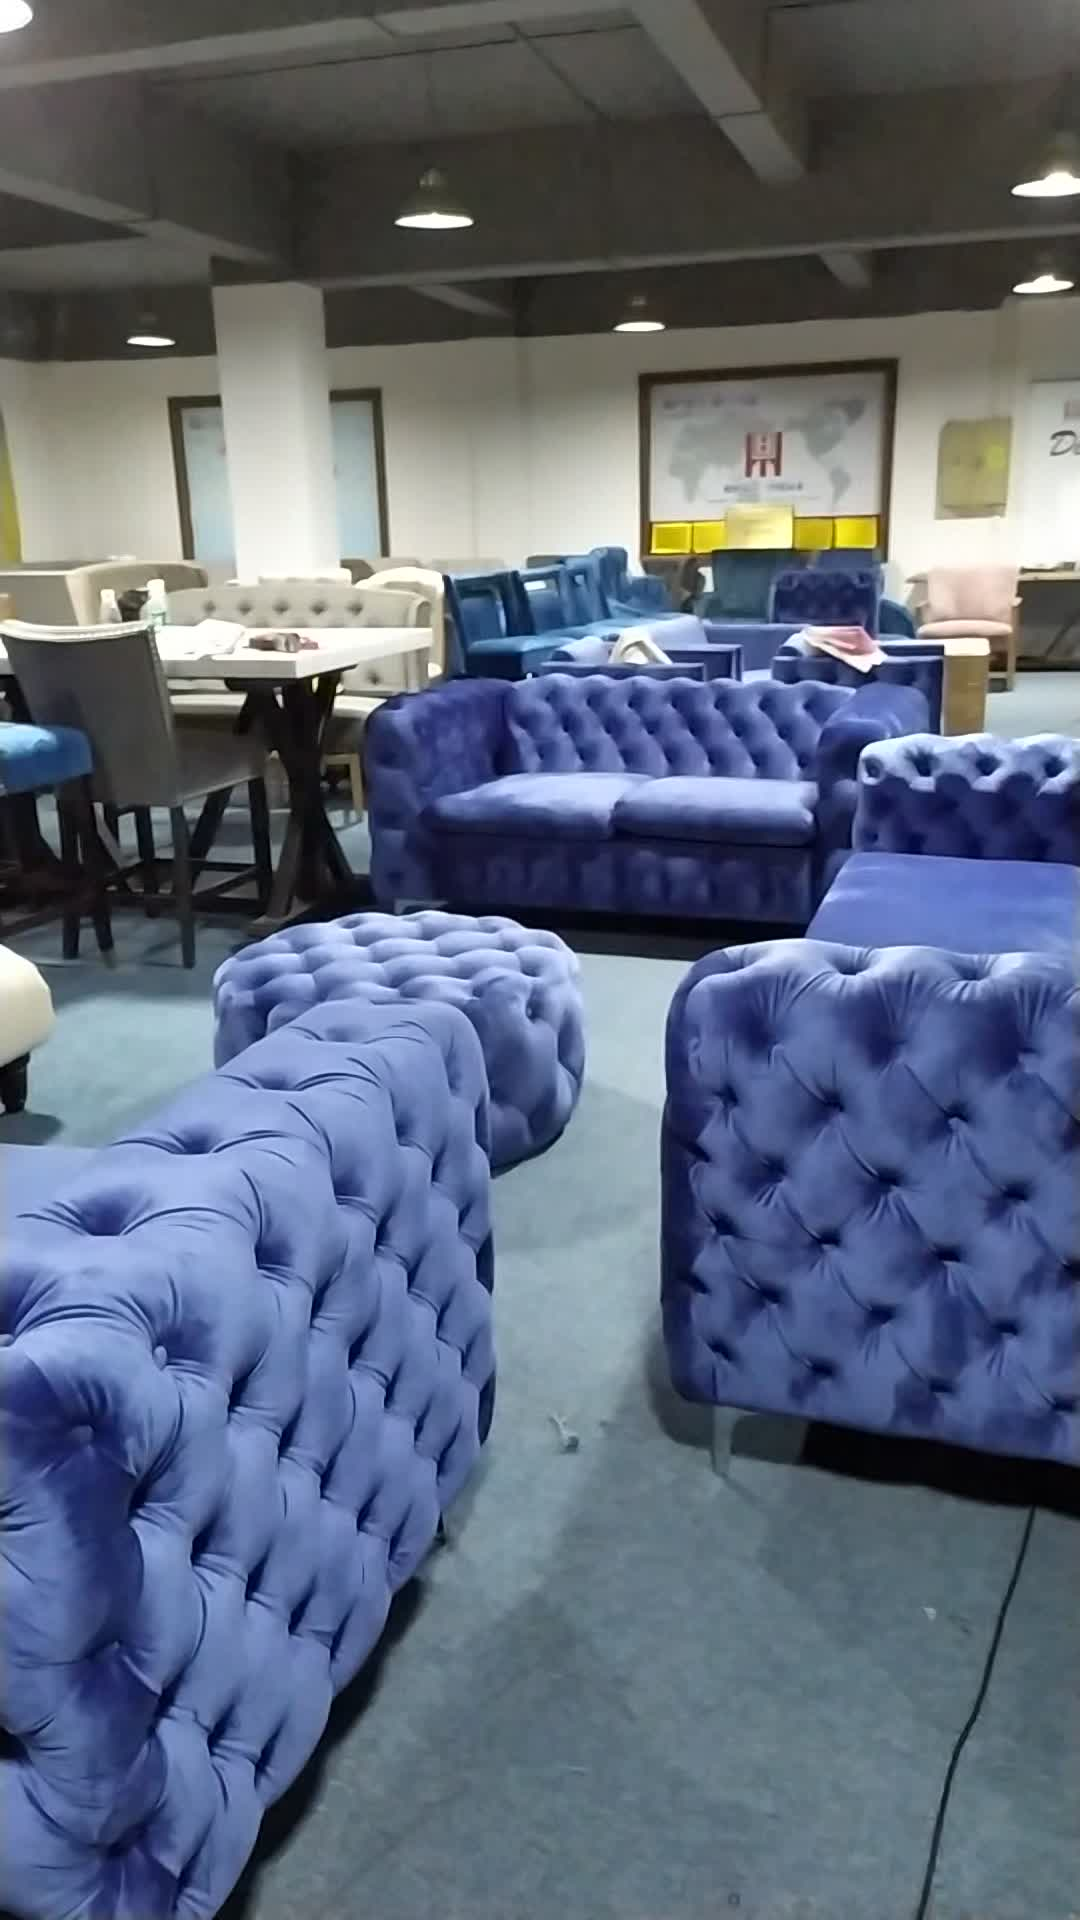 16 лет фабрики современный дизайн Роскошные Мебель Ткань наборы для ухода за кожей диван гостиная кровать производитель